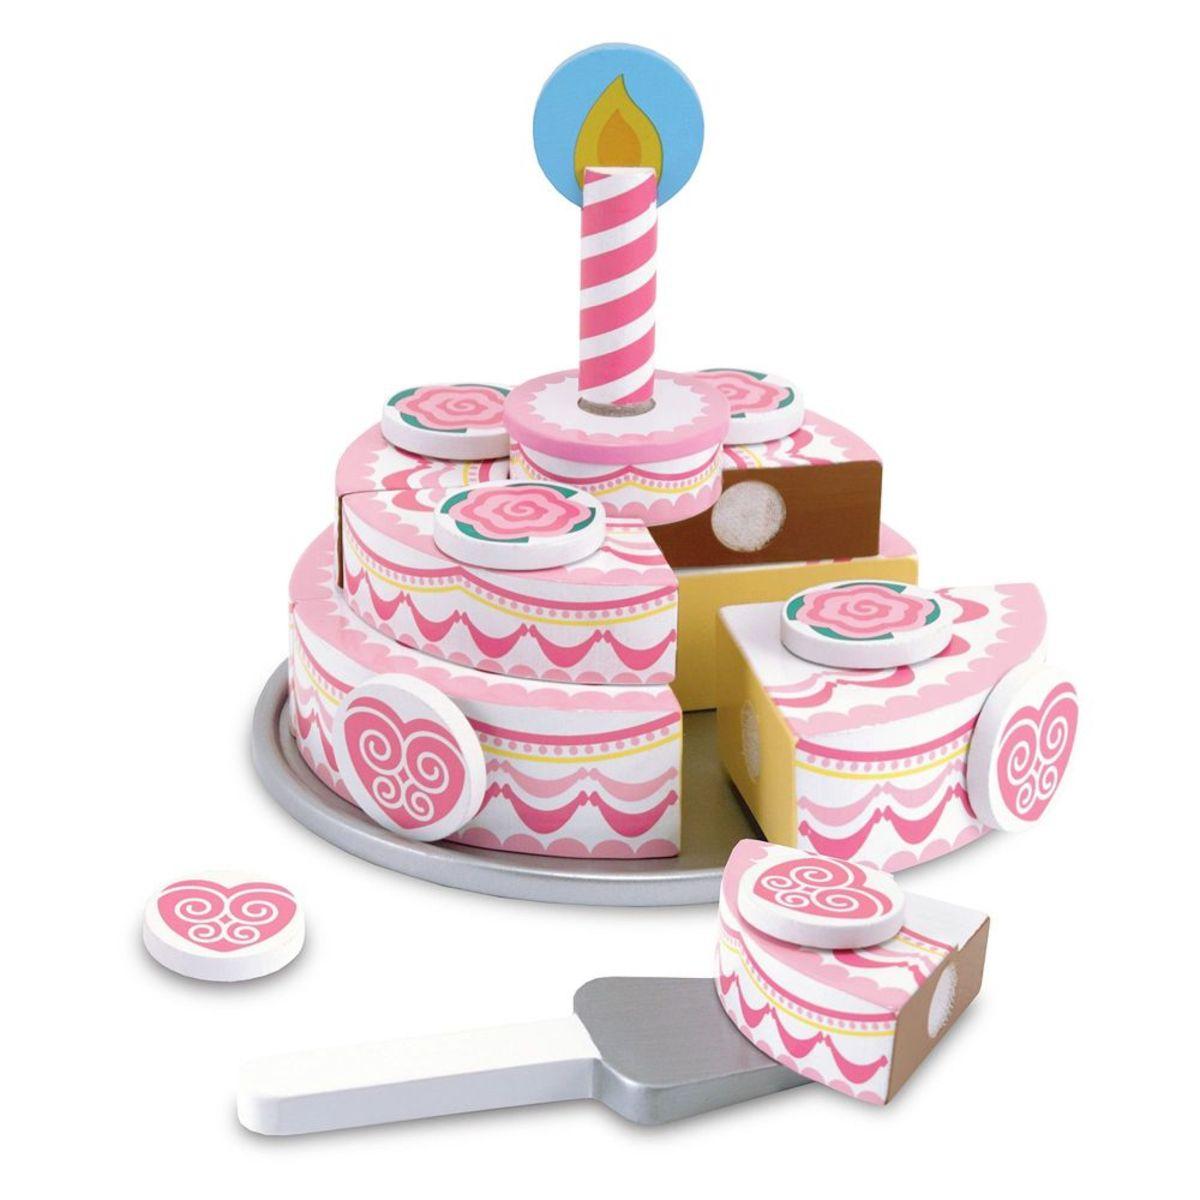 Dvojposchodový narodeninovú tortu Birthday cake